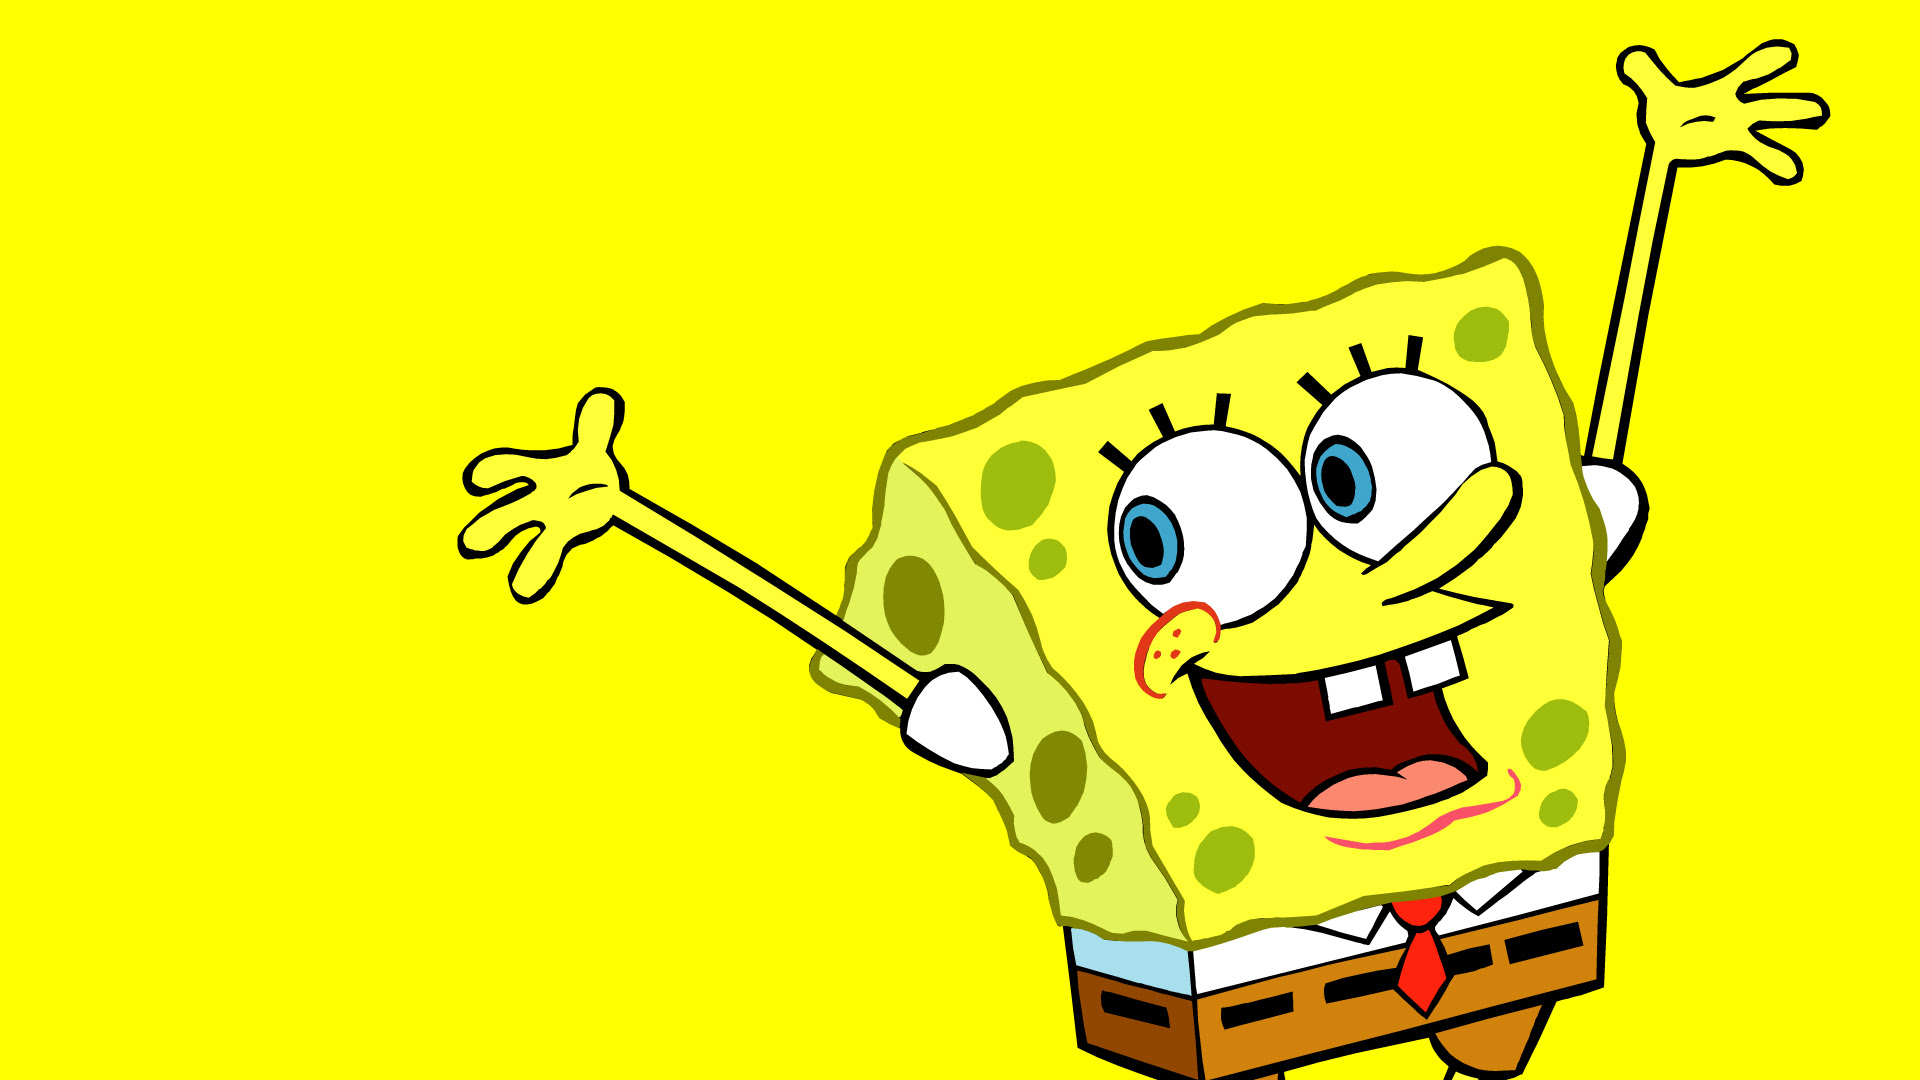 Download 93 Wallpaper Bergerak Spongebob Squarepants Gratis Terbaik